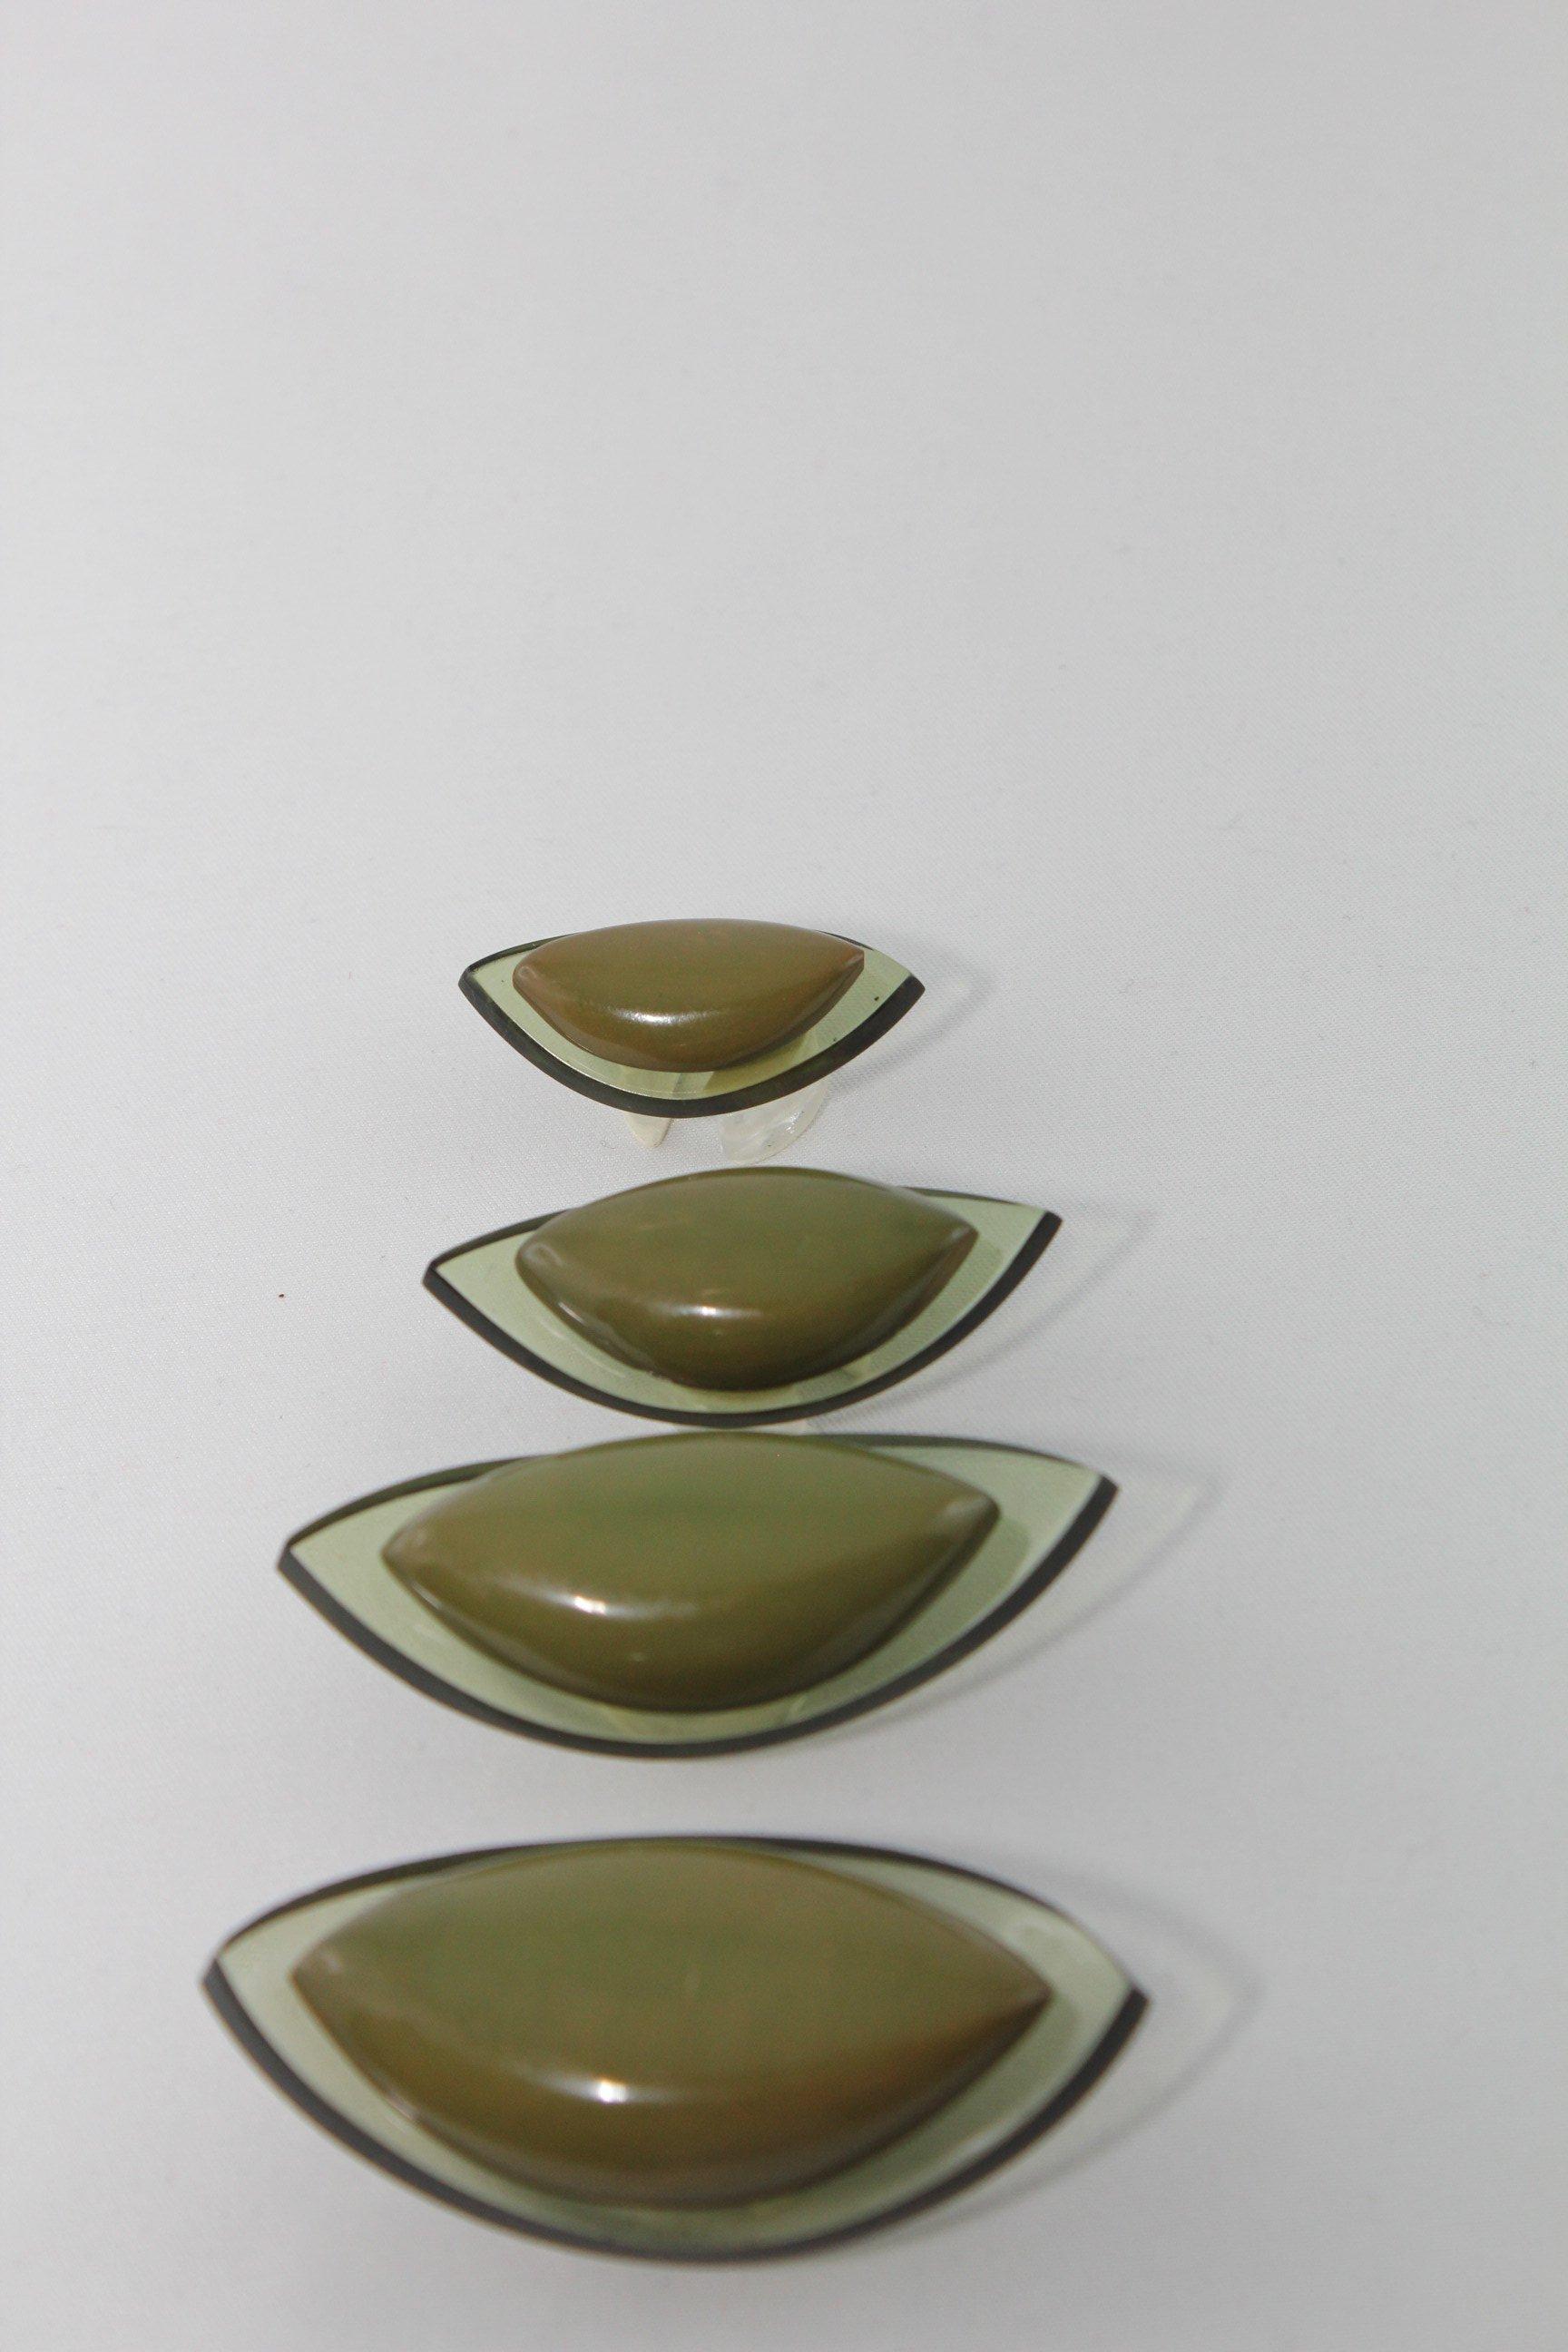 quattro bottoni a forma di mandorla di color verde